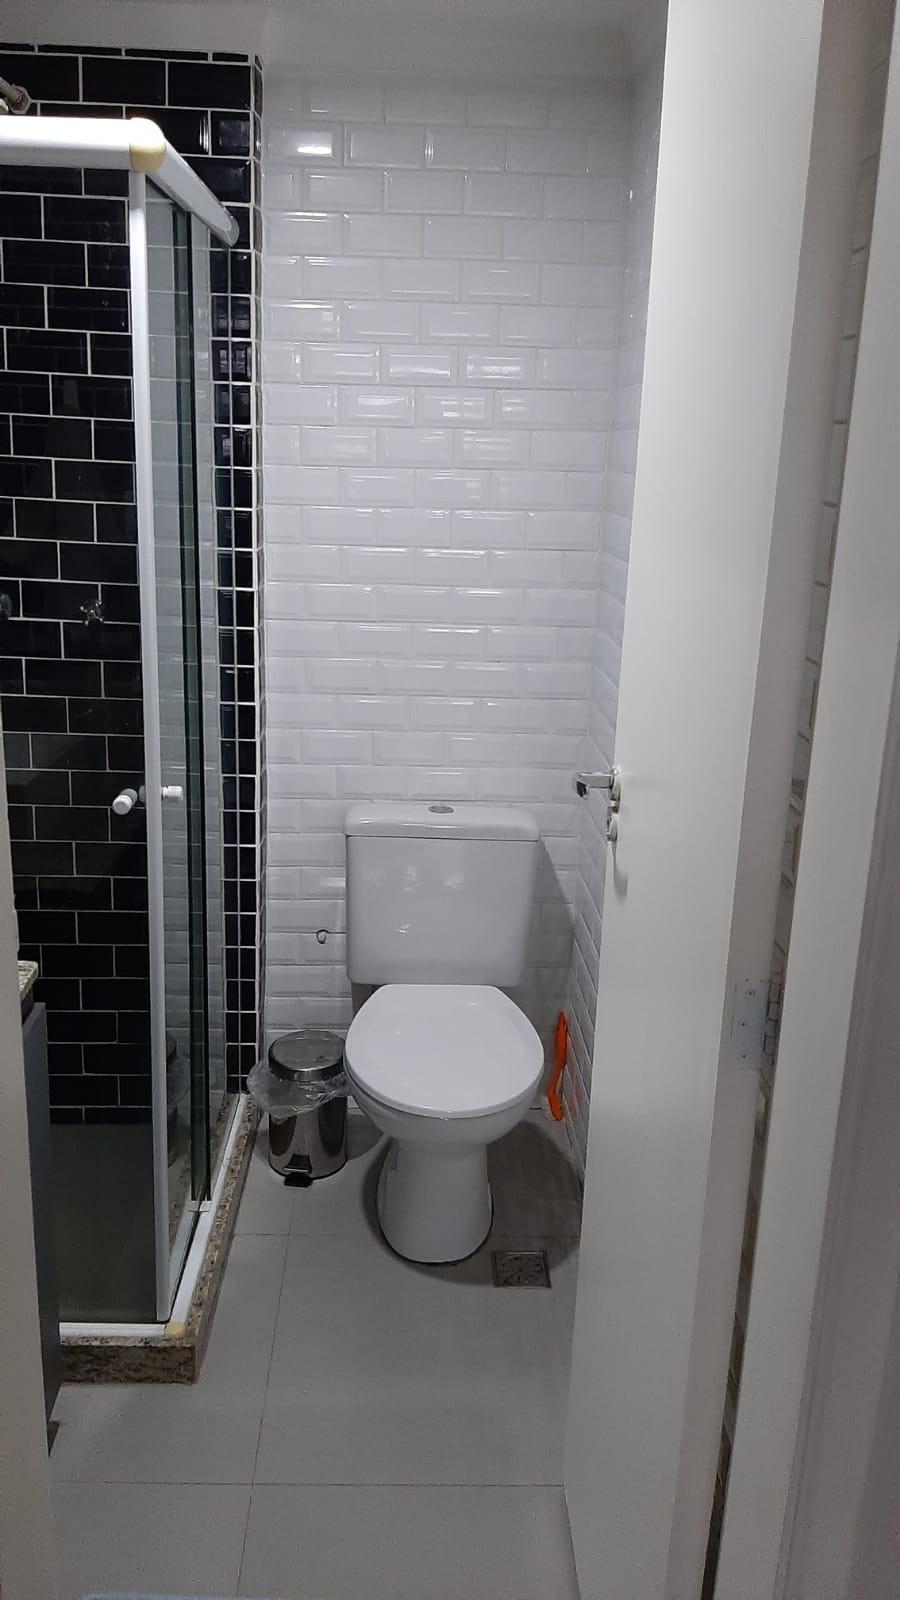 FOTO 23 - Cobertura 3 quartos à venda Rio de Janeiro,RJ - R$ 600.000 - CO00025 - 24